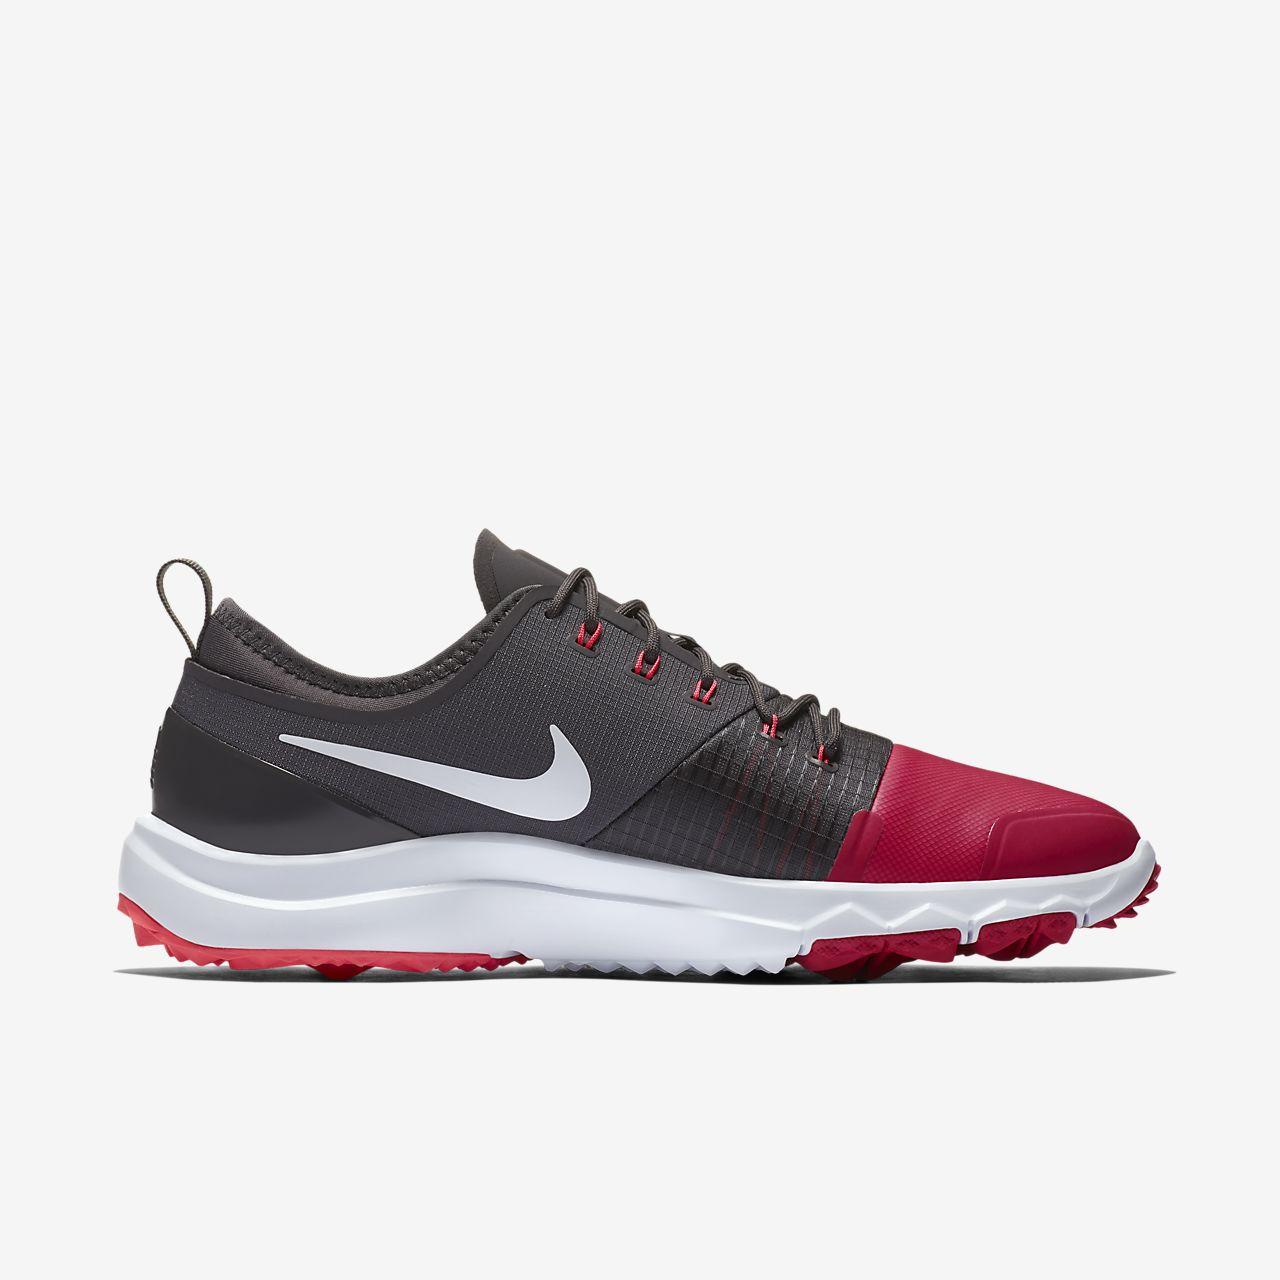 59560059801d Nike FI Impact 3 Women s Golf Shoe. Nike.com GB